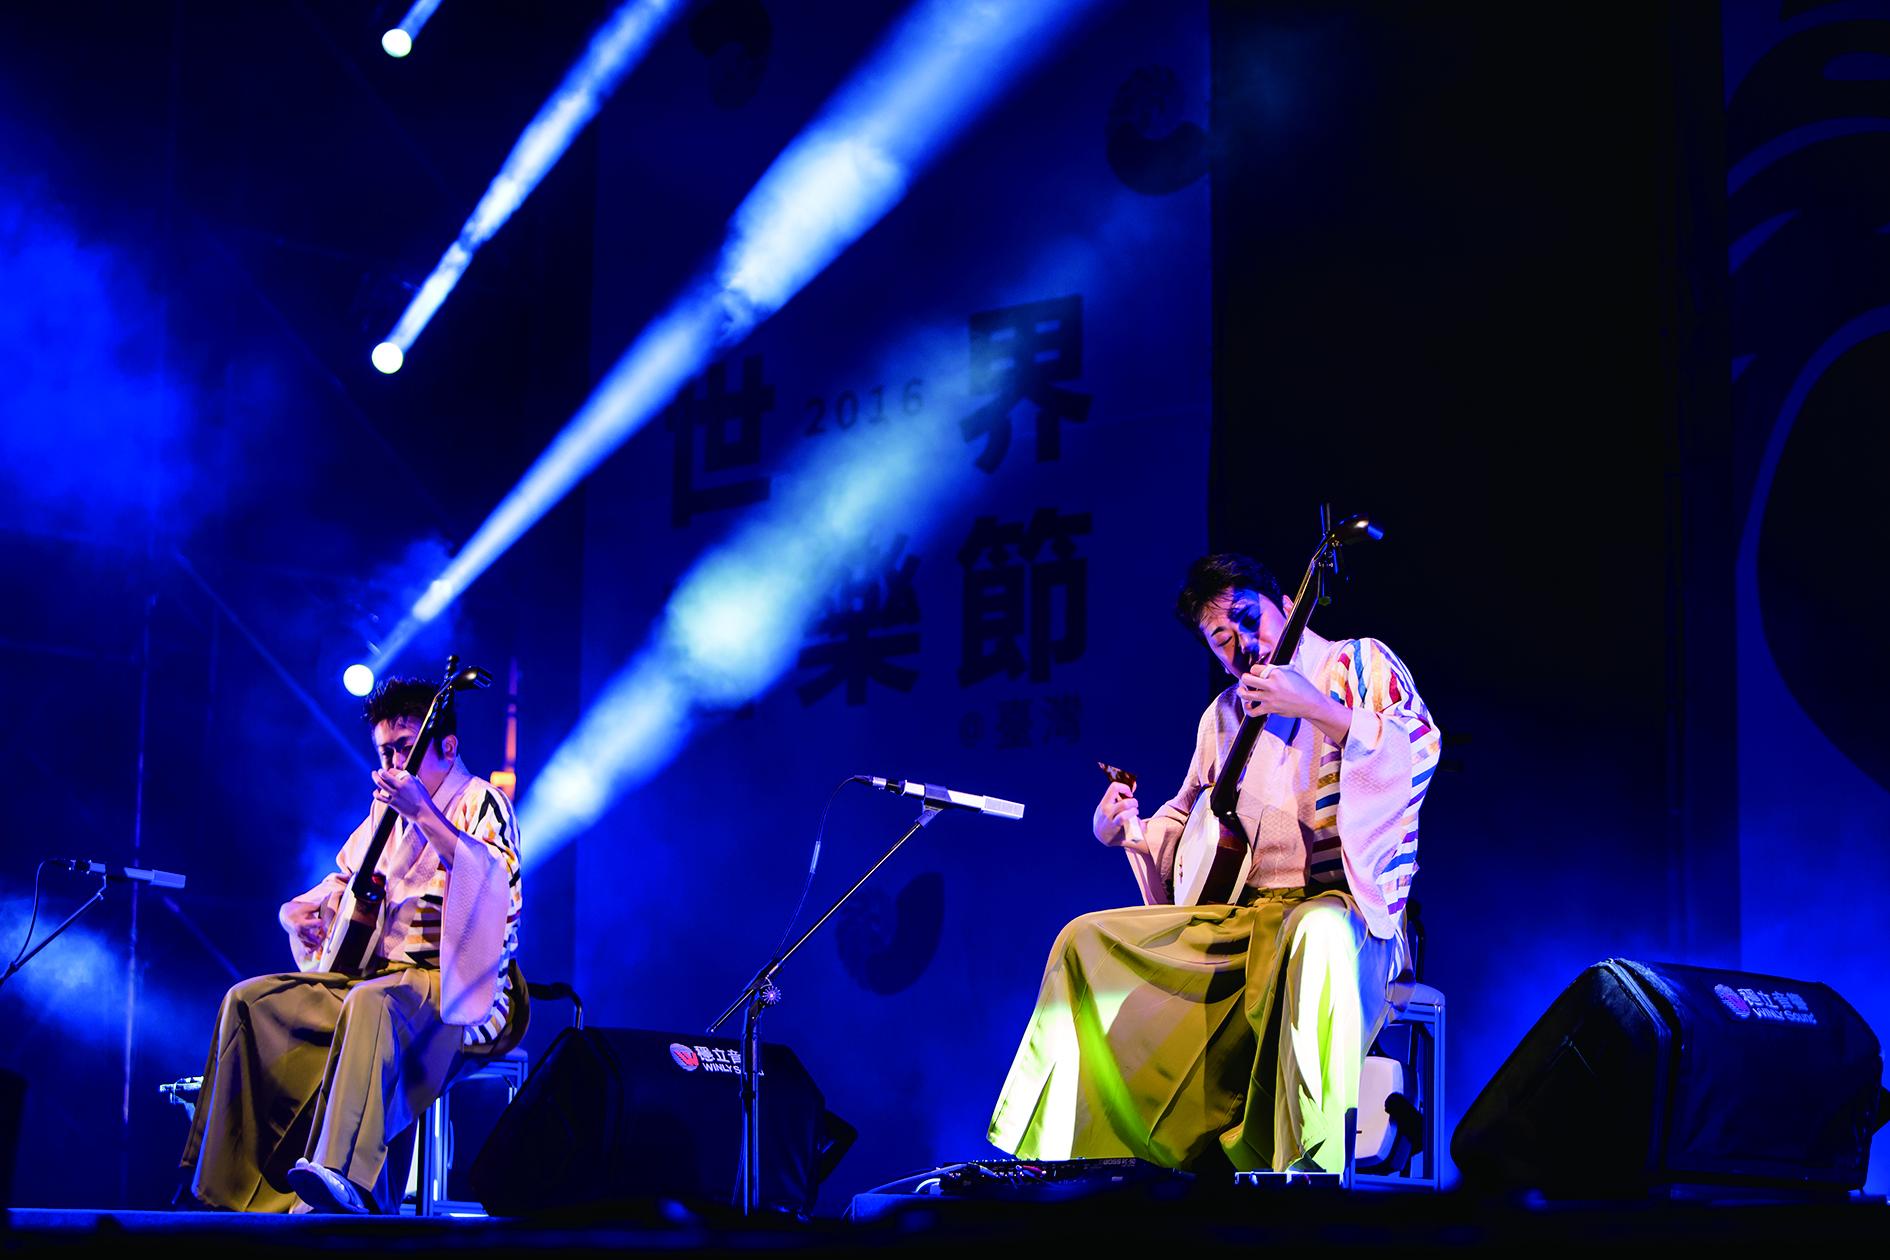 日本吉田兄弟樂團在2016年世界音樂節上的演出。(風潮音樂提供).jpg